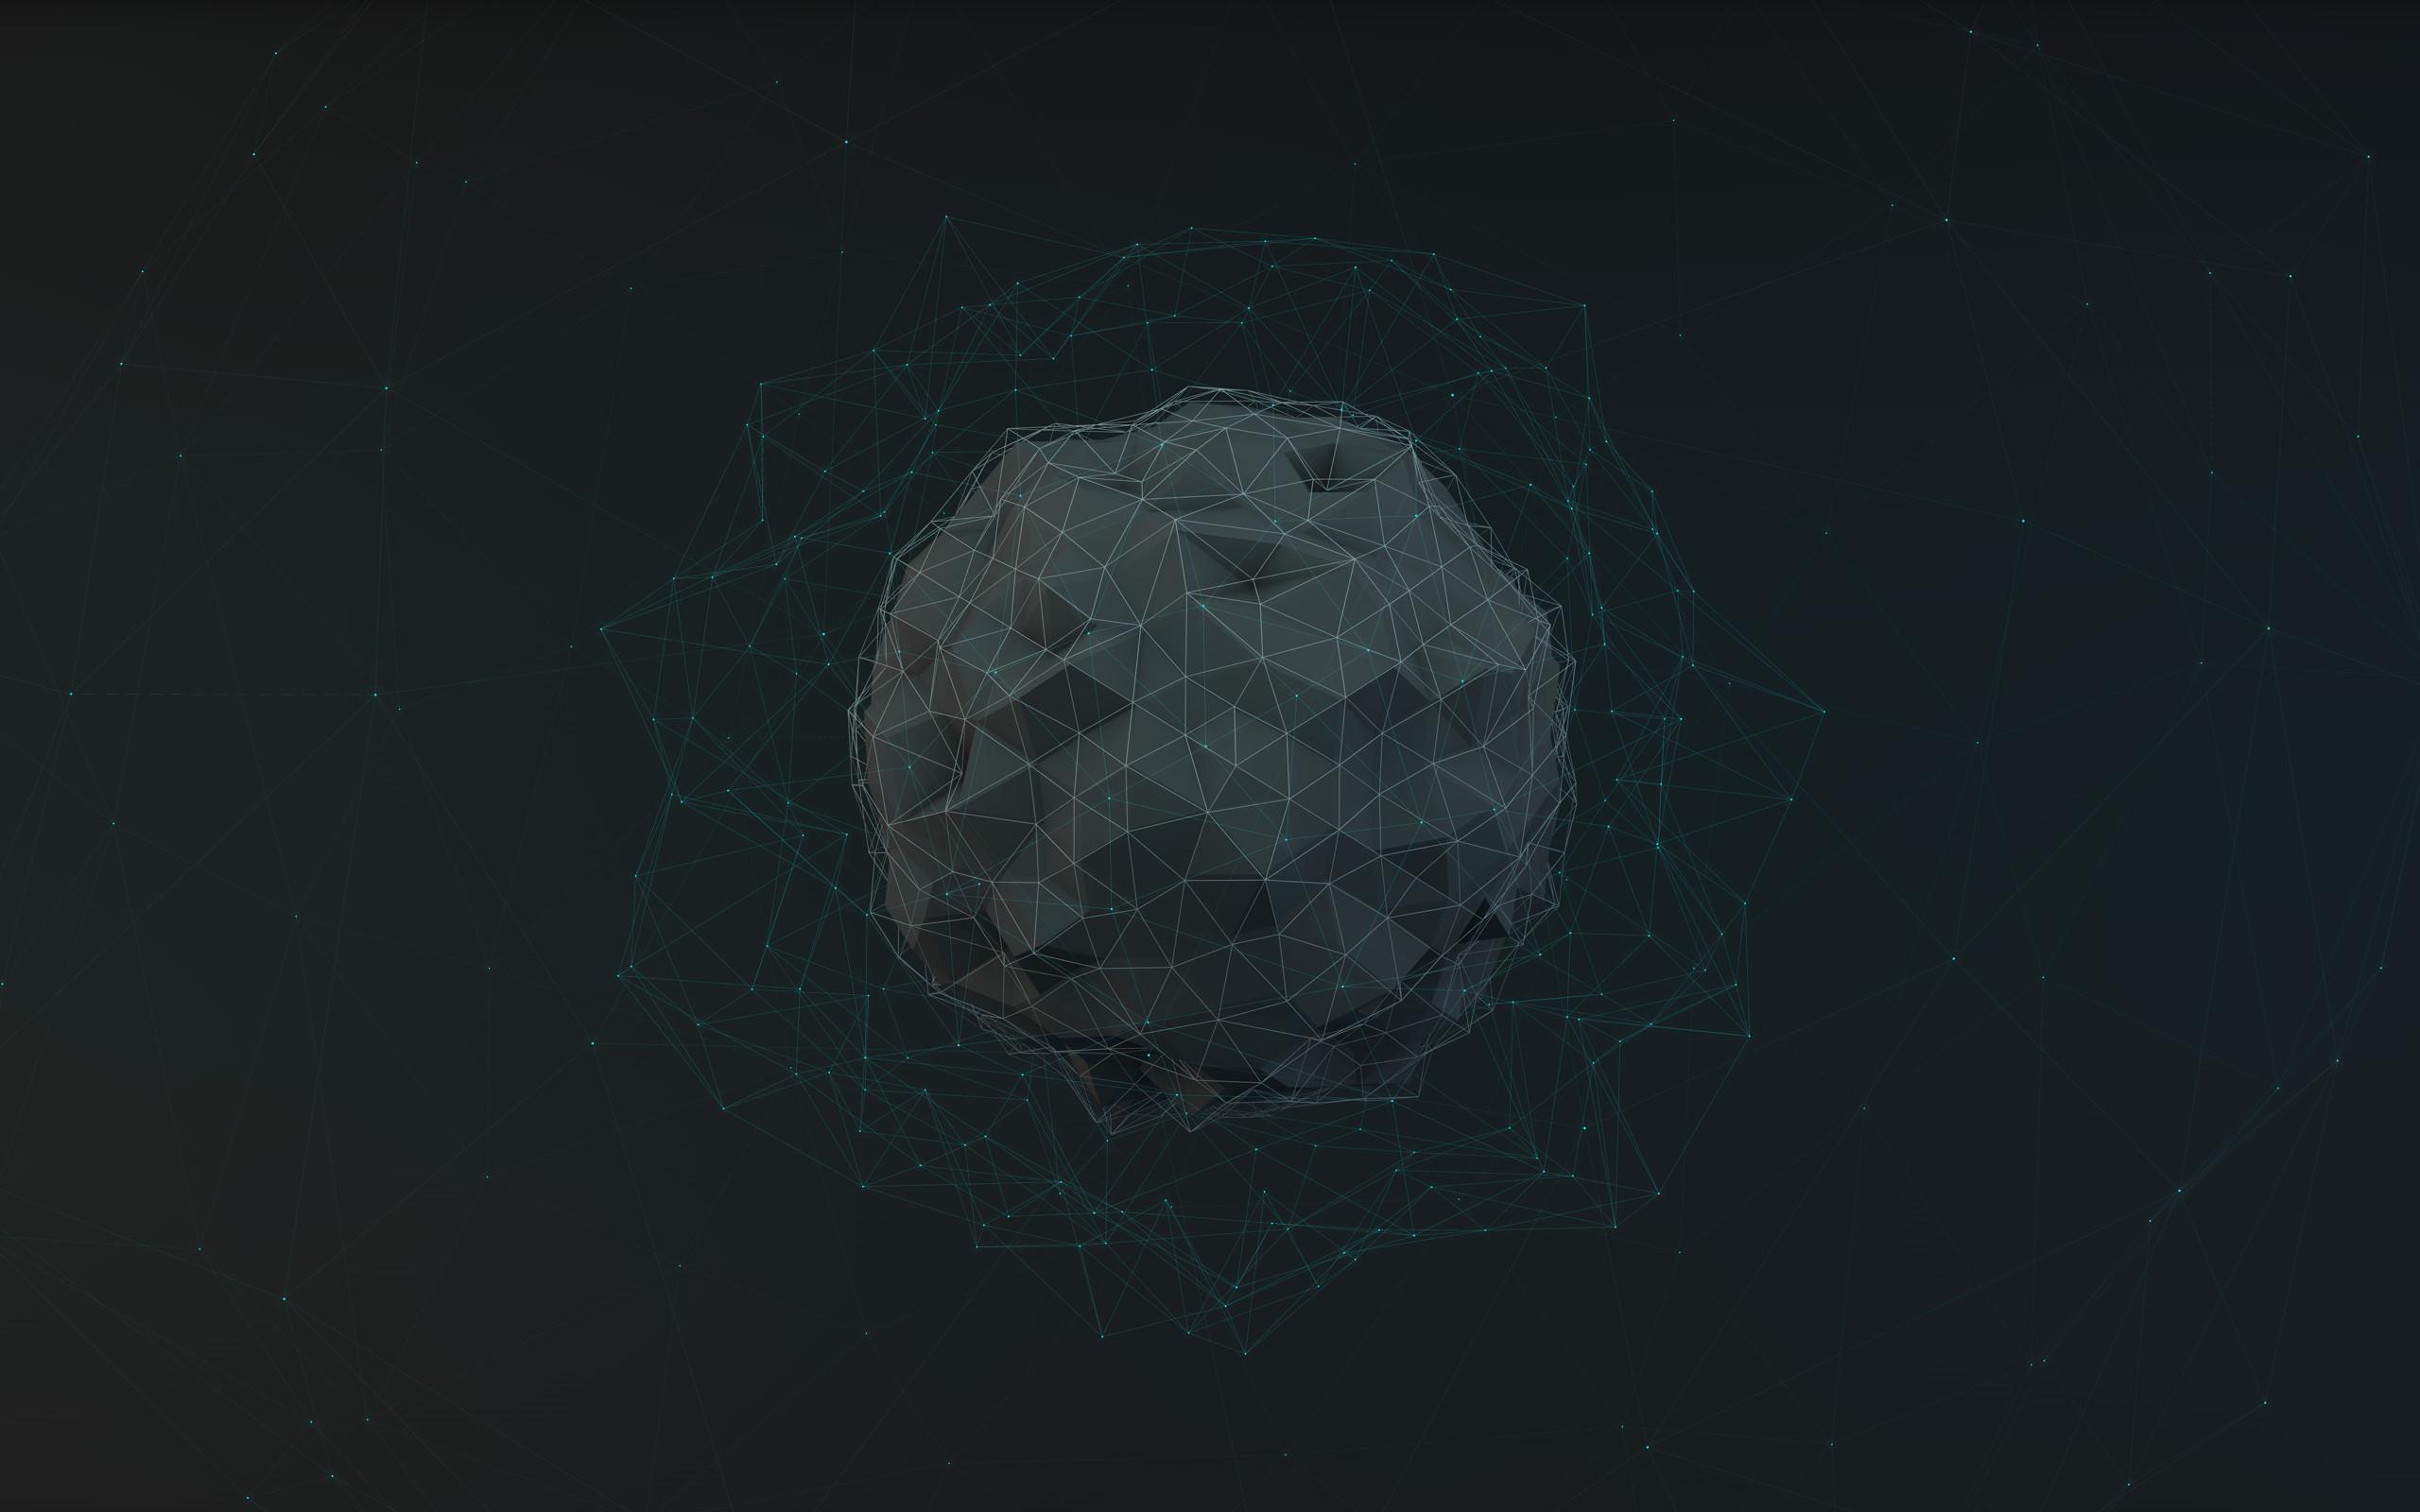 Imagem de um globo com diversas linhas conectadas, como um mundo conectado via servidores Git